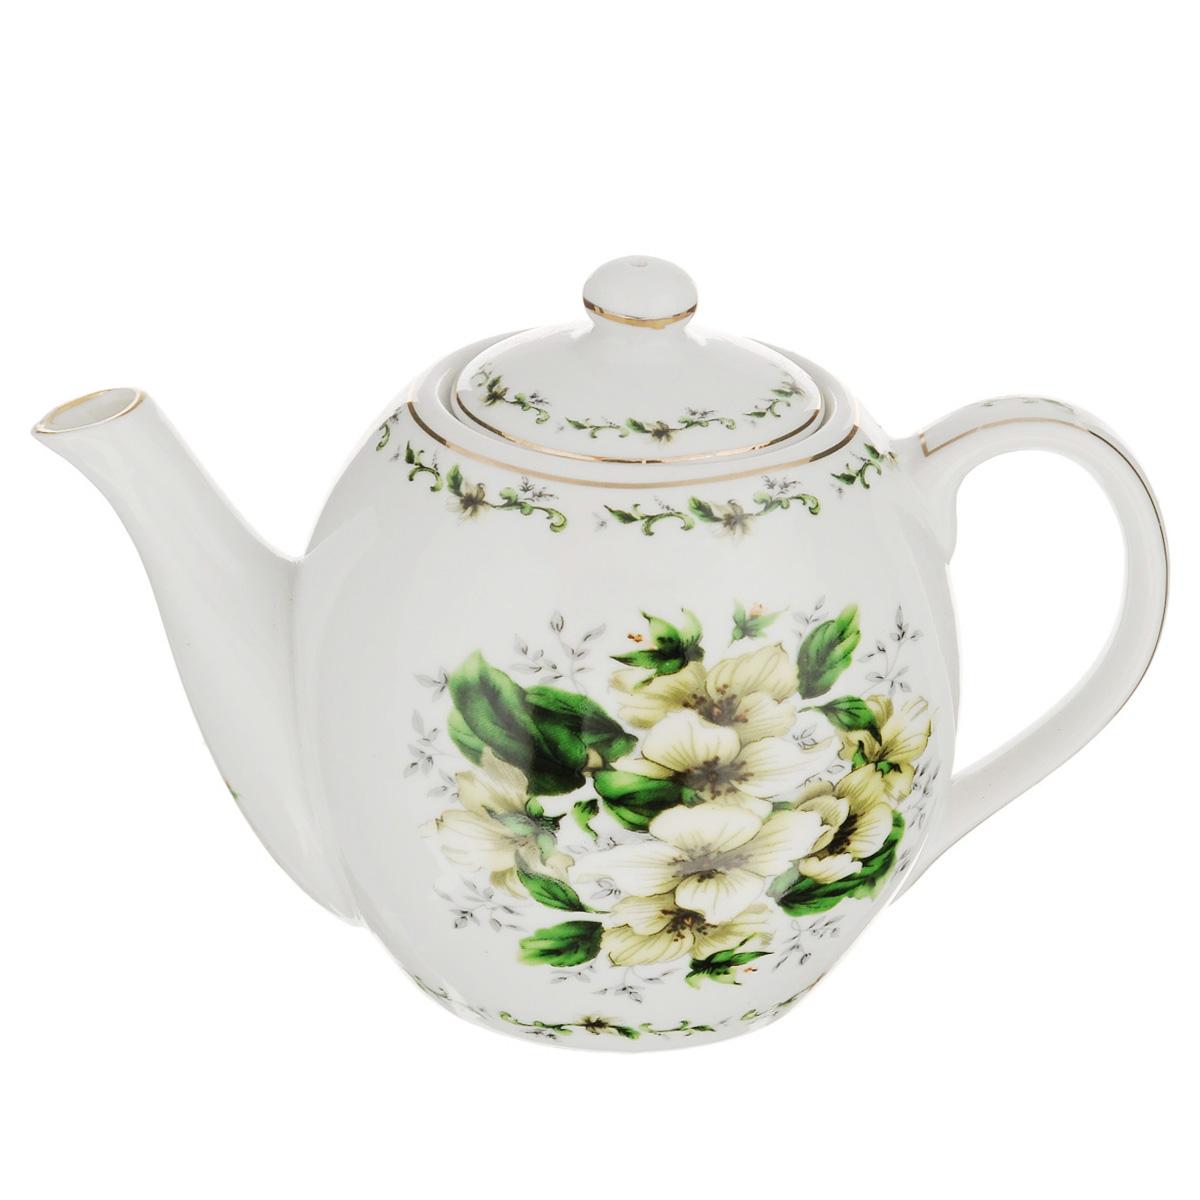 Чайник заварочный Briswild Цветочная грация, 470 млКО-26003Заварочный чайник Briswild Цветочная грация изготовлен из высококачественного фарфора и покрыт слоем сверкающей глазури. Посуда оформлена изысканным цветочным рисунком и эмалью золотистого цвета. Такой чайник прекрасно дополнит сервировку стола к чаепитию и станет его неизменным атрибутом. Не использовать в микроволновой печи. Объем: 470 мл. Диаметр (по верхнему краю): 6 см. Высота стенки (без учета крышки): 9 см.